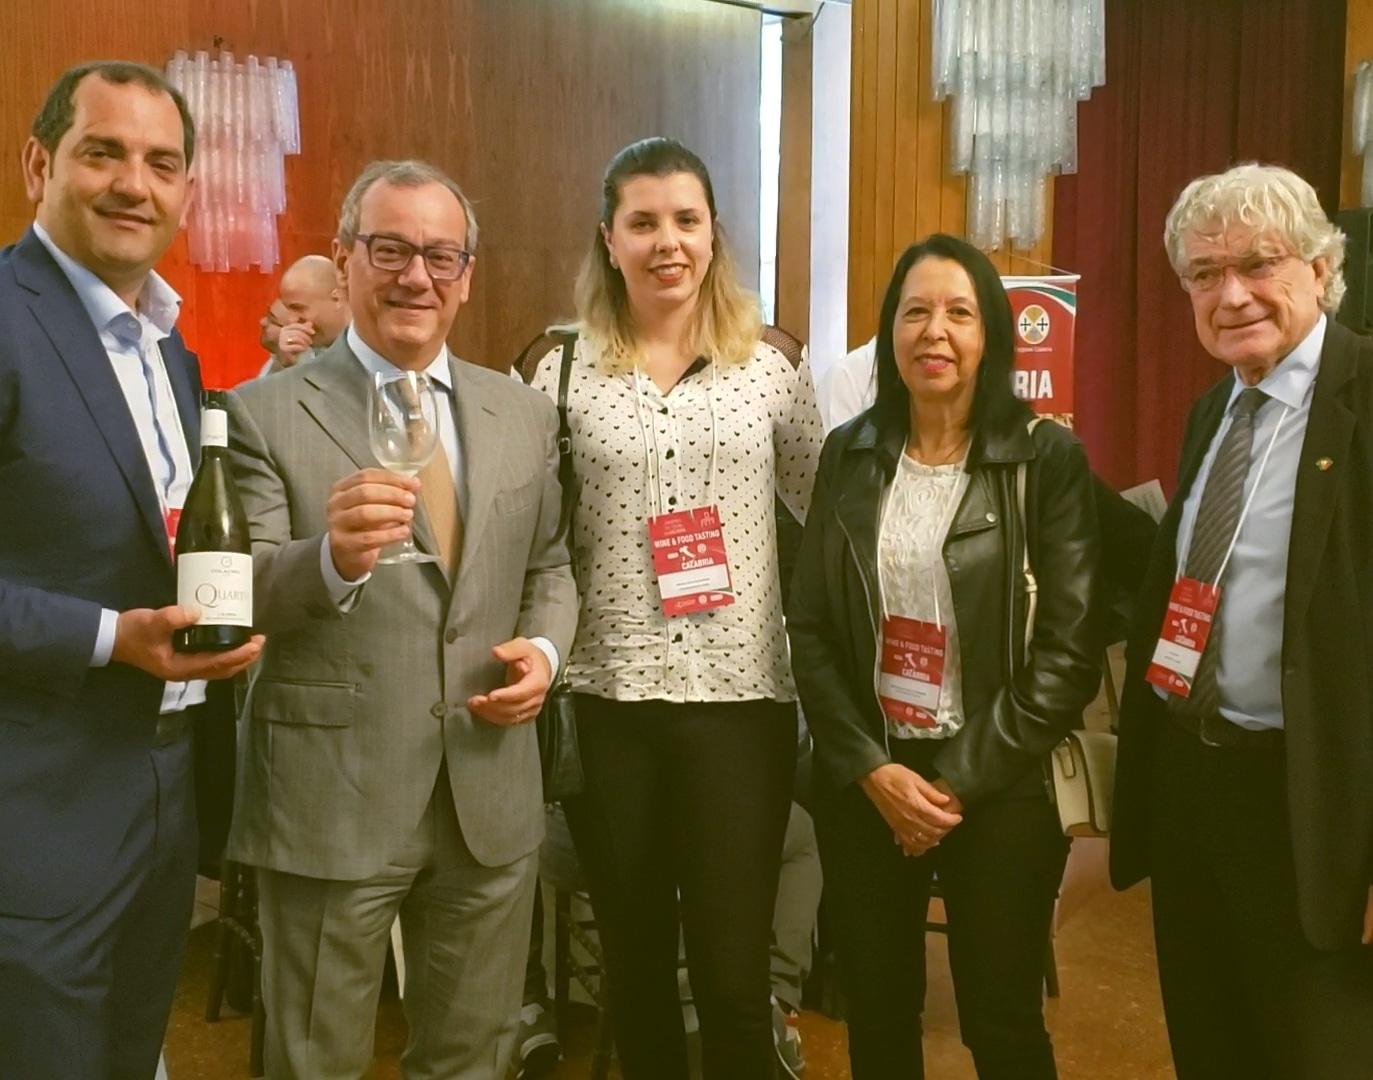 Momento  Vinhos da Calábria com o Cônsul Geral da Itália Filippo La Rosa